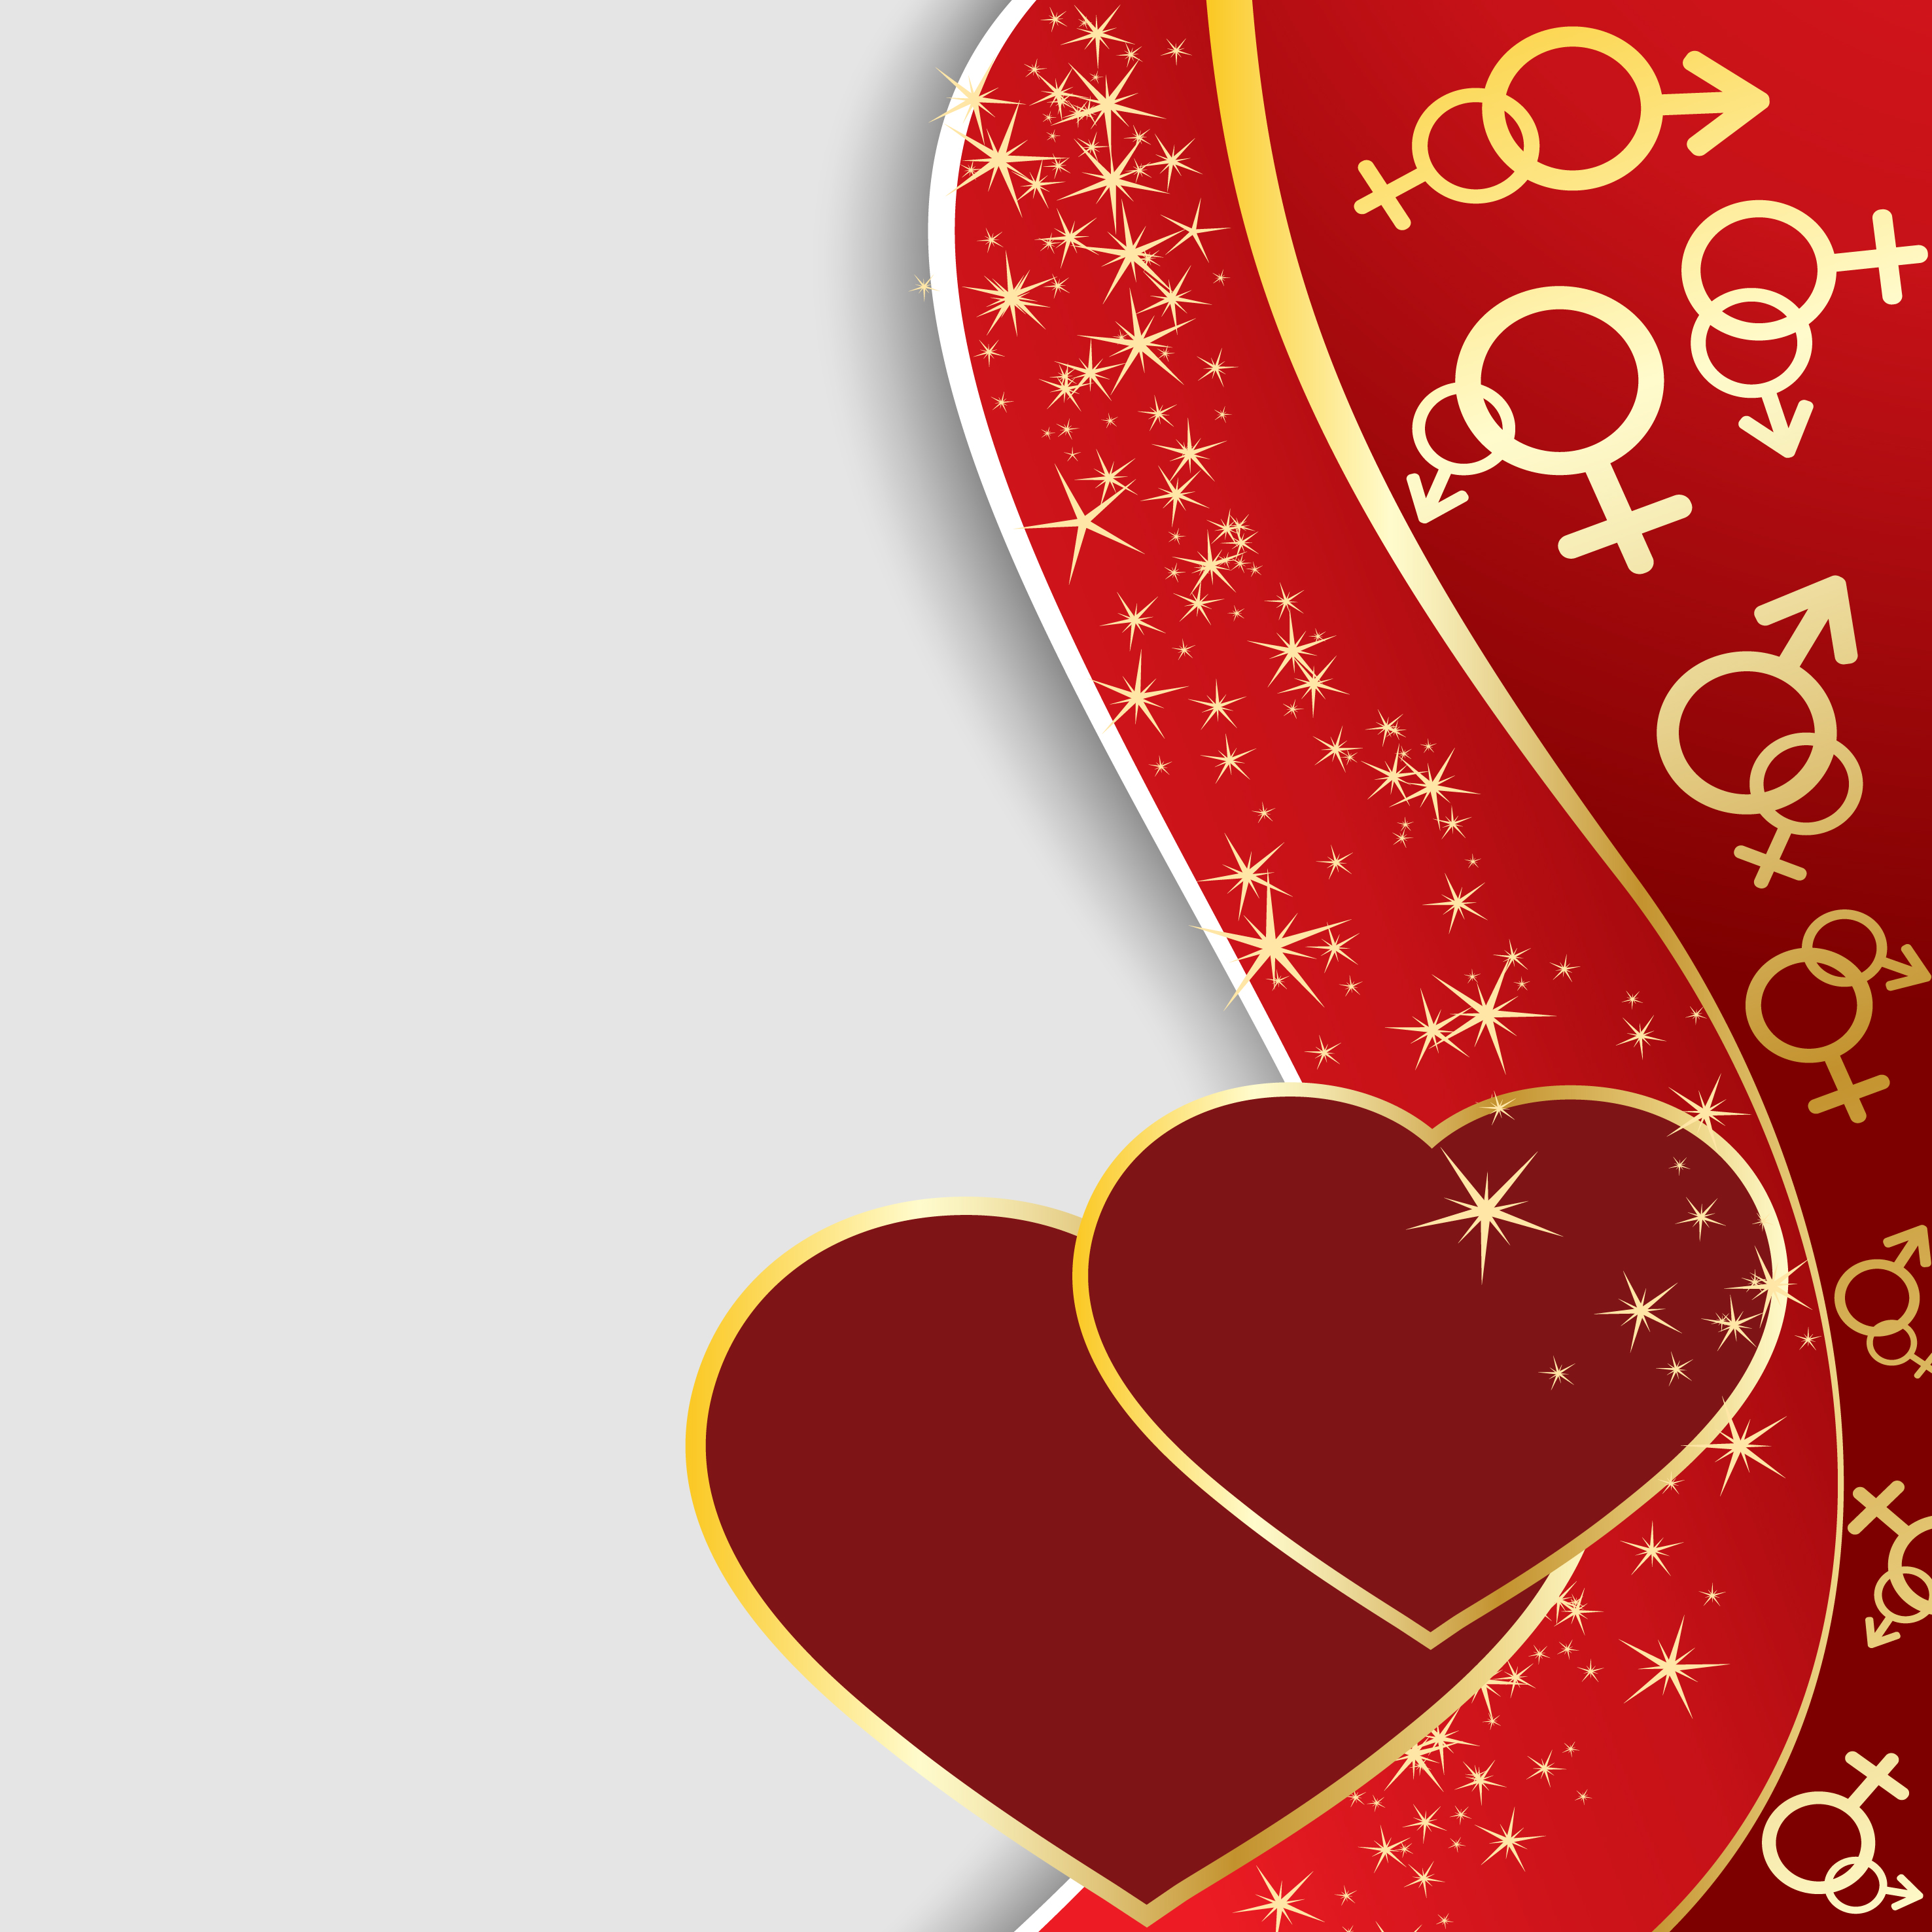 Нетривиальные открытки для влюбленных, марта